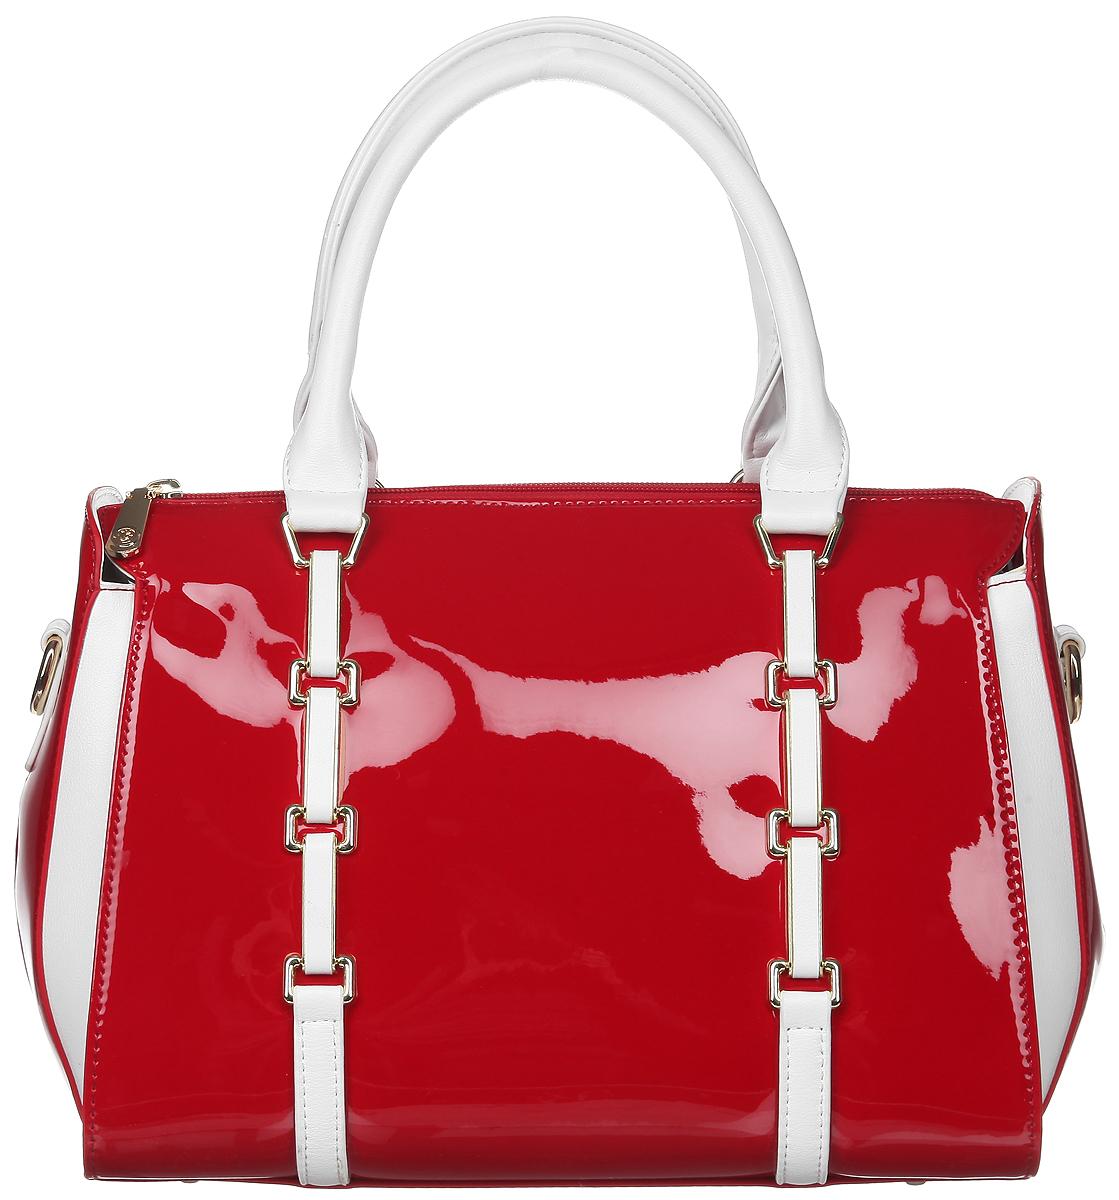 Сумка женская Calipso, цвет: красный, белый. 800-041286-172800-041286-172Стильная женская сумка Calipso, выполненная из искусственной лакированной кожи, дополнена вставками из искусственной кожи с фактурным тиснением. Изделие имеет одно основное отделение, закрывающееся на застежку-молнию. Внутри находятся прорезной карман на застежке-молнии, два накладных открытых кармана и накладной открытый карман с отделением на застежке-молнии. Снаружи, на задней стенке расположен прорезной карман на застежке-молнии. Модель оснащена двумя удобными ручками. В комплект входит съемный регулируемый наплечный ремень. Основание изделия защищено от повреждений металлическими ножками. Роскошная сумка внесет элегантные нотки в ваш образ и подчеркнет ваше отменное чувство стиля.